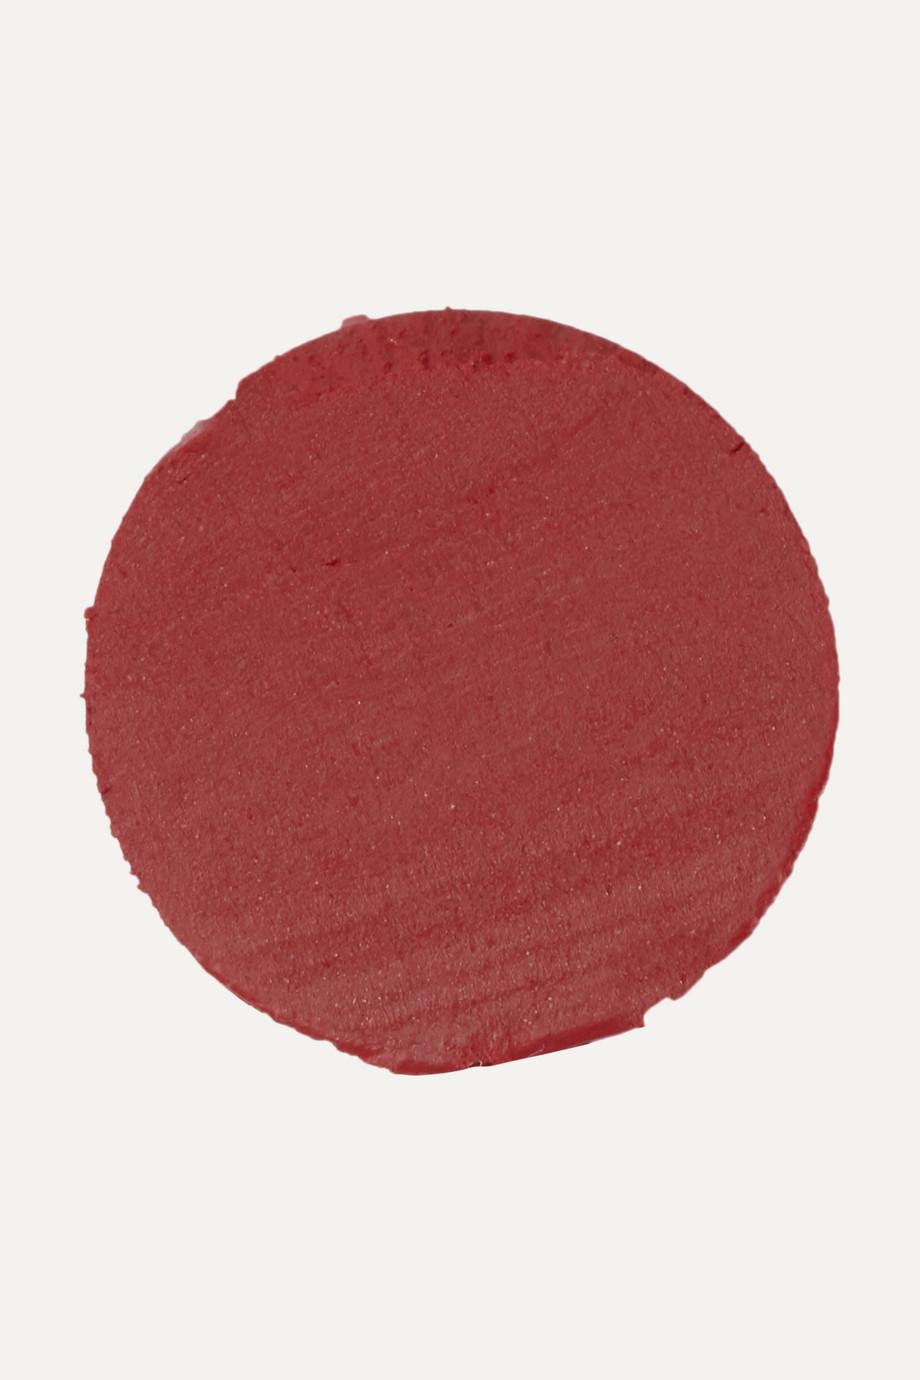 Charlotte Tilbury Hot Lips 2 Lipstick - Viva La Vergara